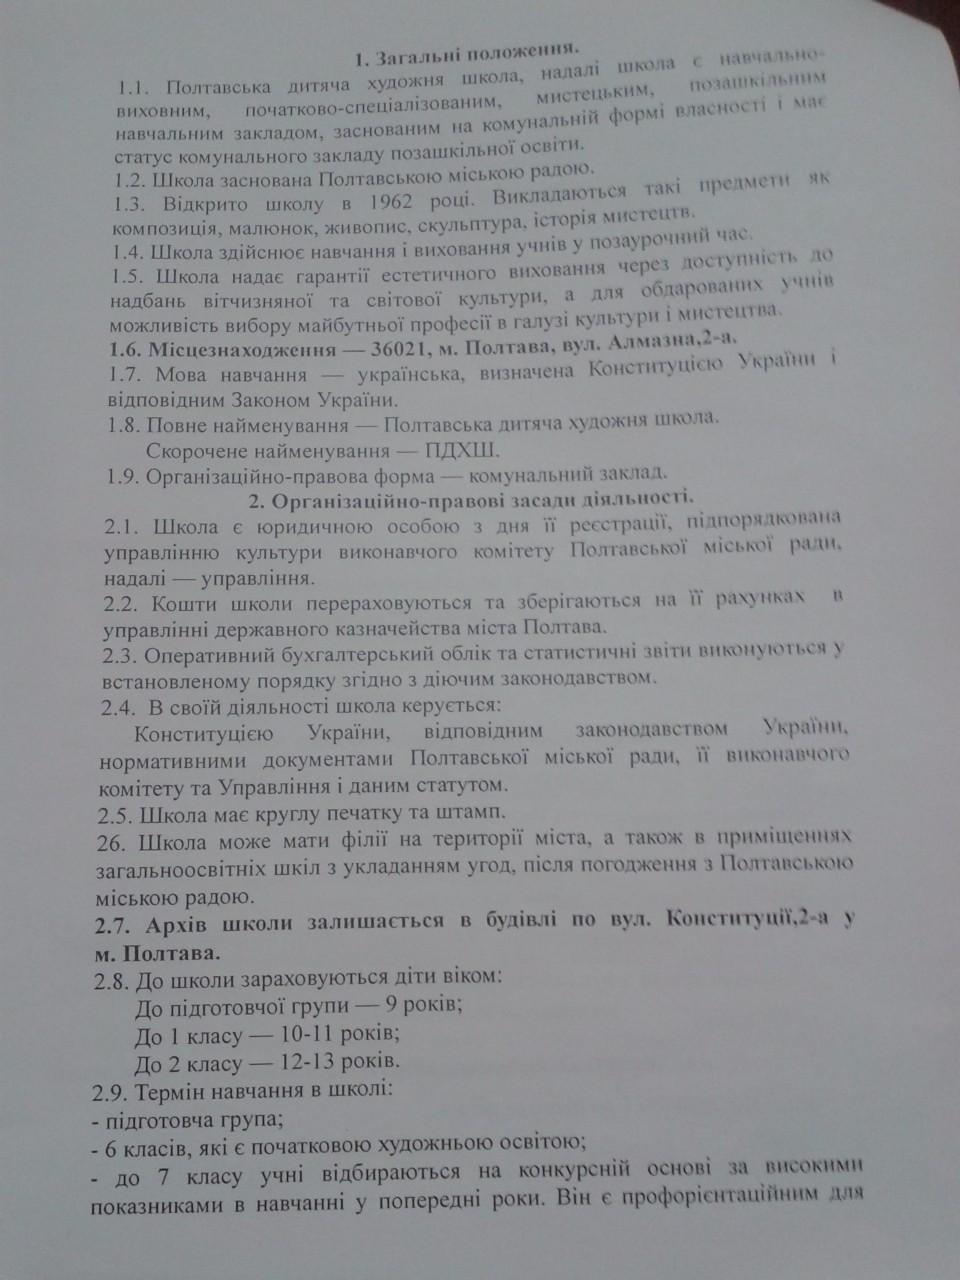 На фото: так виглядала сторінка проекту статуту Полтавської дитячої художньої школи на офіційному сайті Полтавської міської ради під час засідання засідання бюджетної комісії.